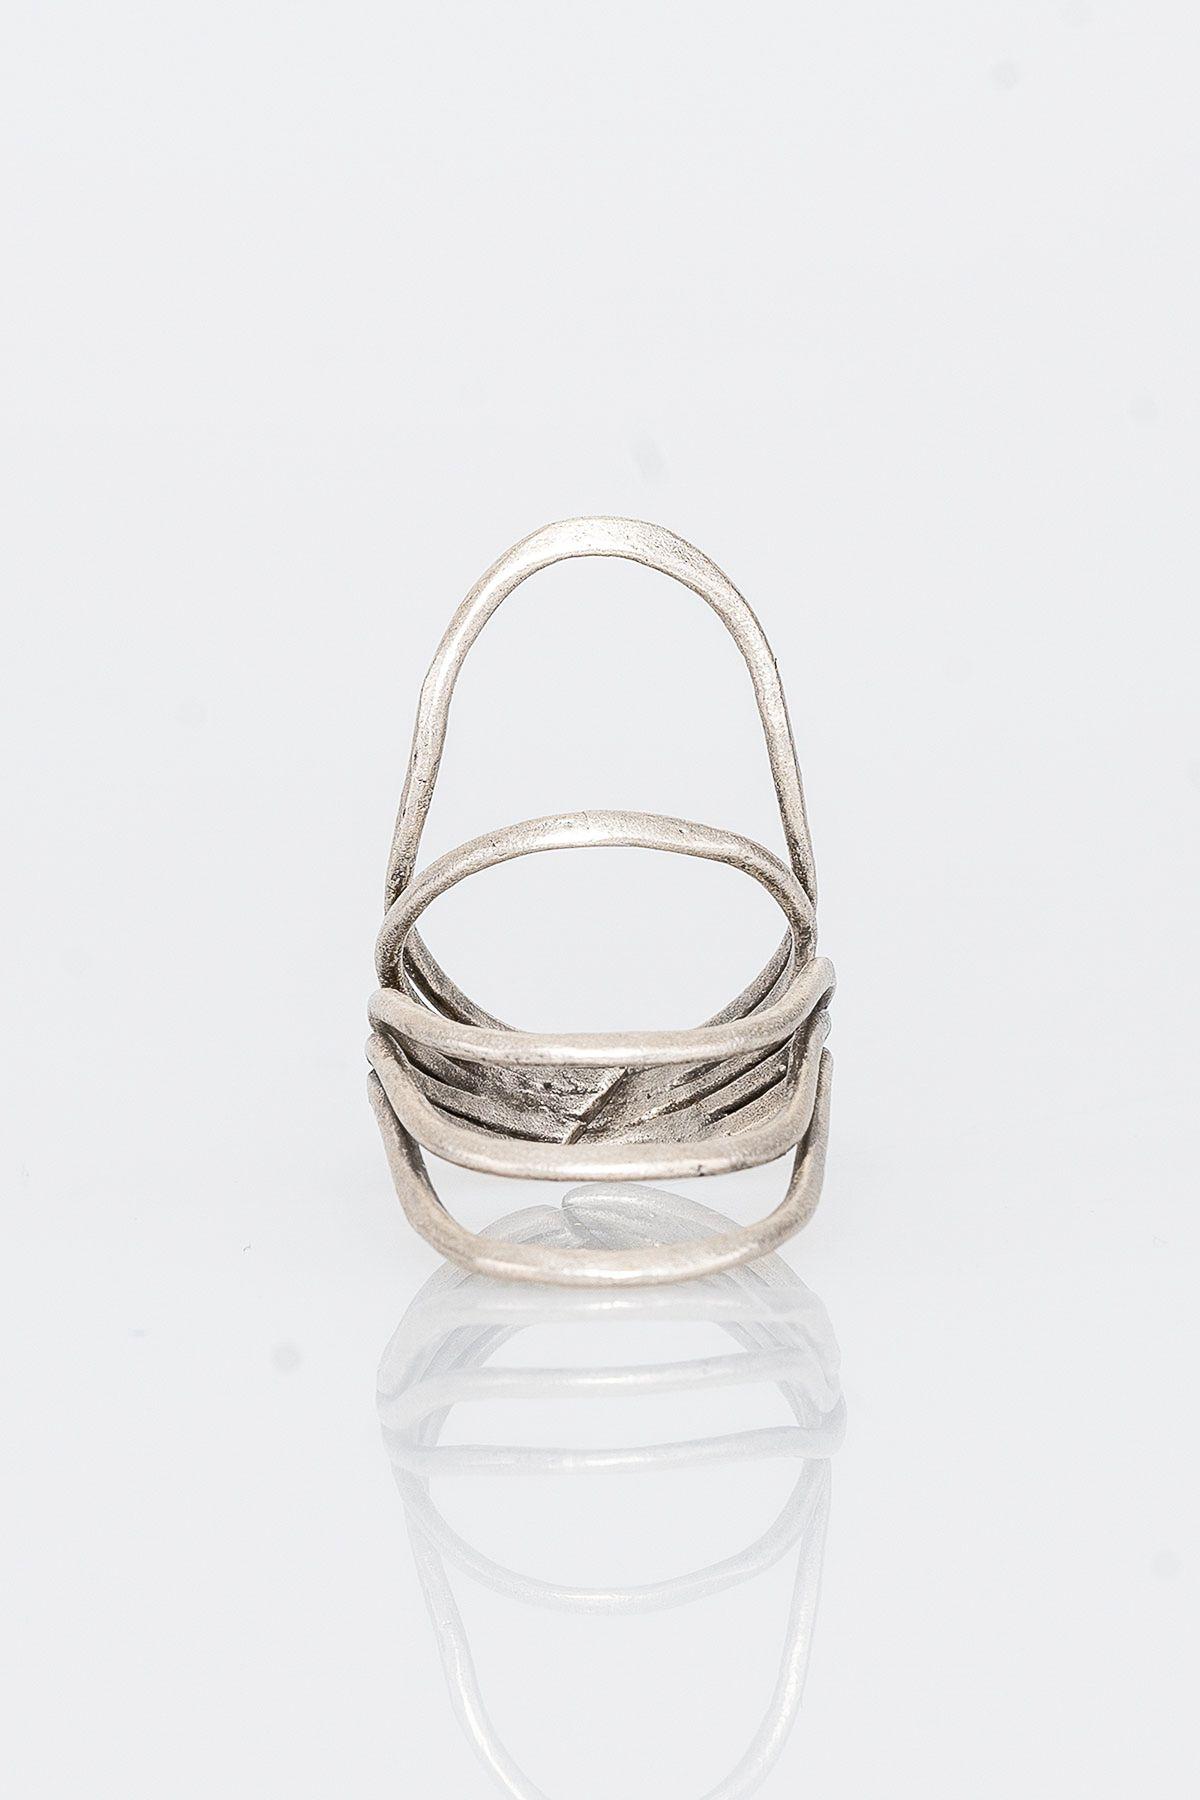 Pegia Deri Çantalı Vintage Tasarım Yüzük 19YZ03 Gümüş